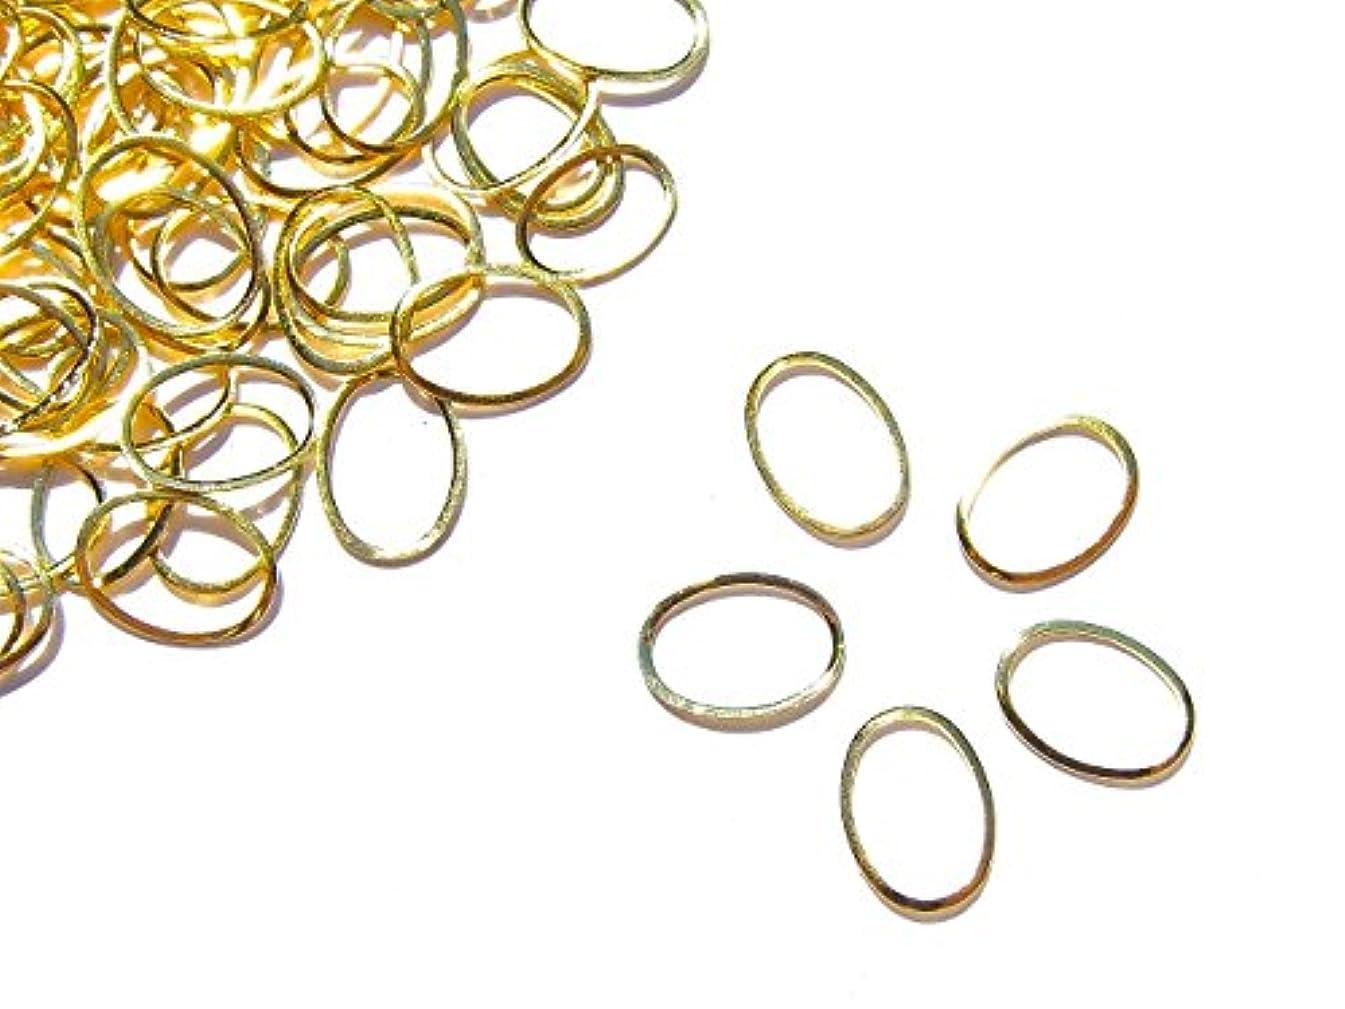 優れました香港神話【jewel】メタルフレームパーツ オーバル型 8.5mm×6mm 10枚入り ゴールド 金 (カーブ付きフラットタイプ)素材 材料 レジン ネイルアート パーツ 手芸